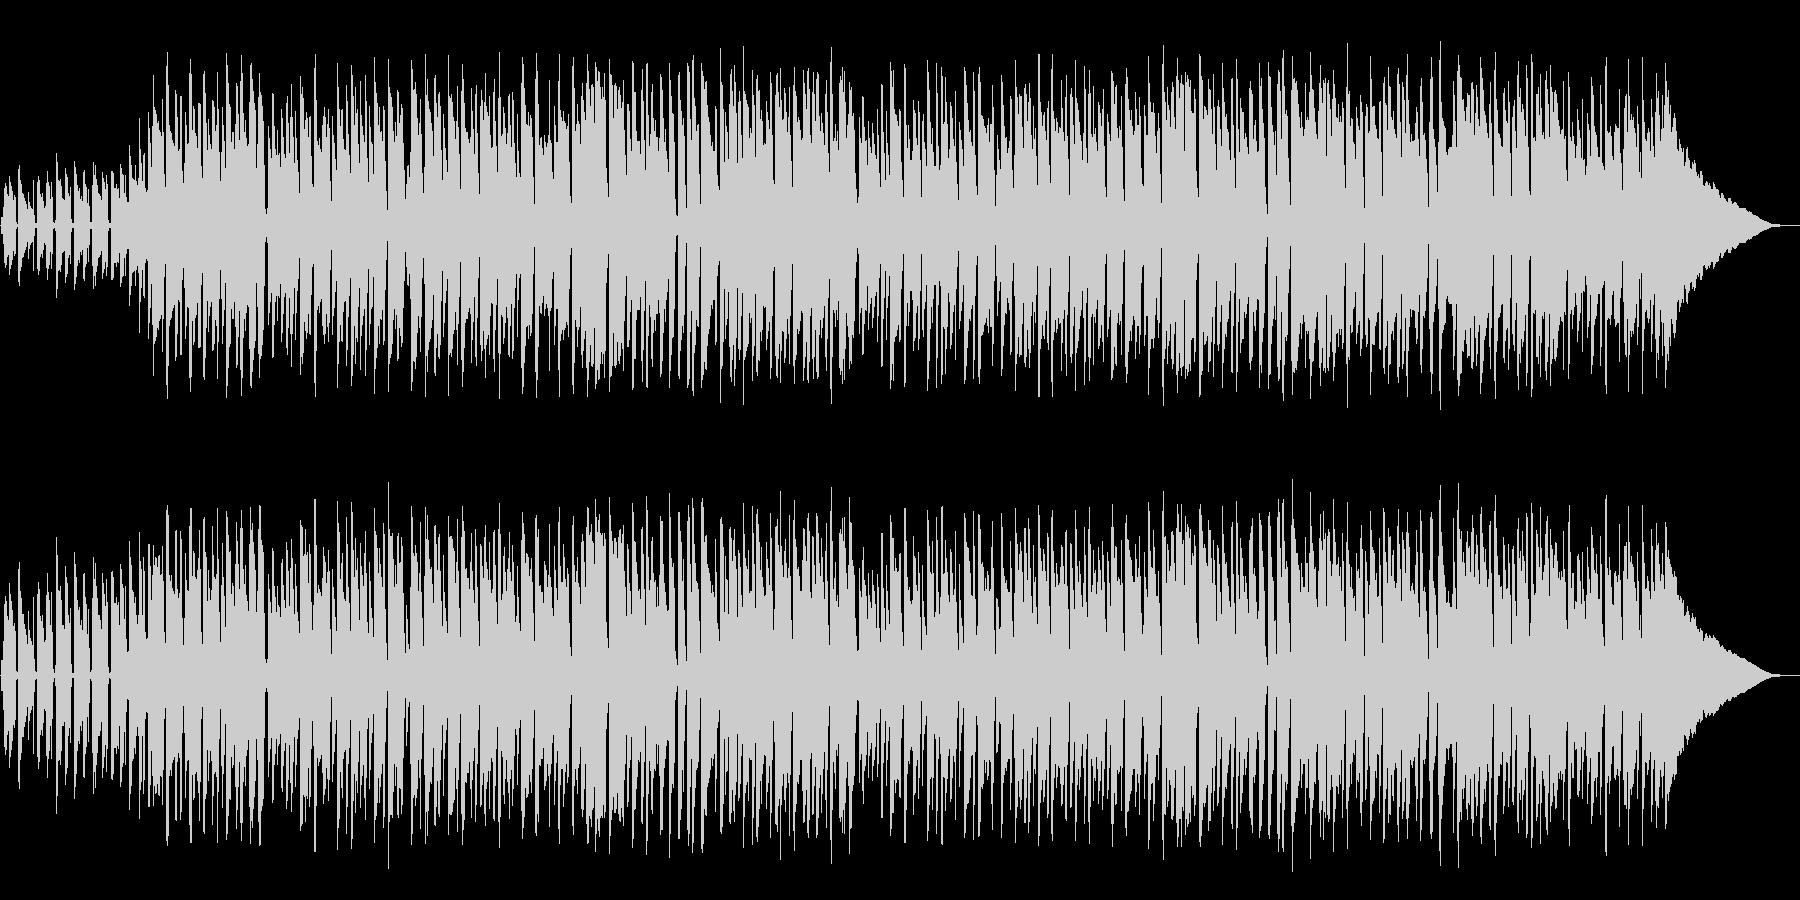 軽快なウクレレミュージックの未再生の波形